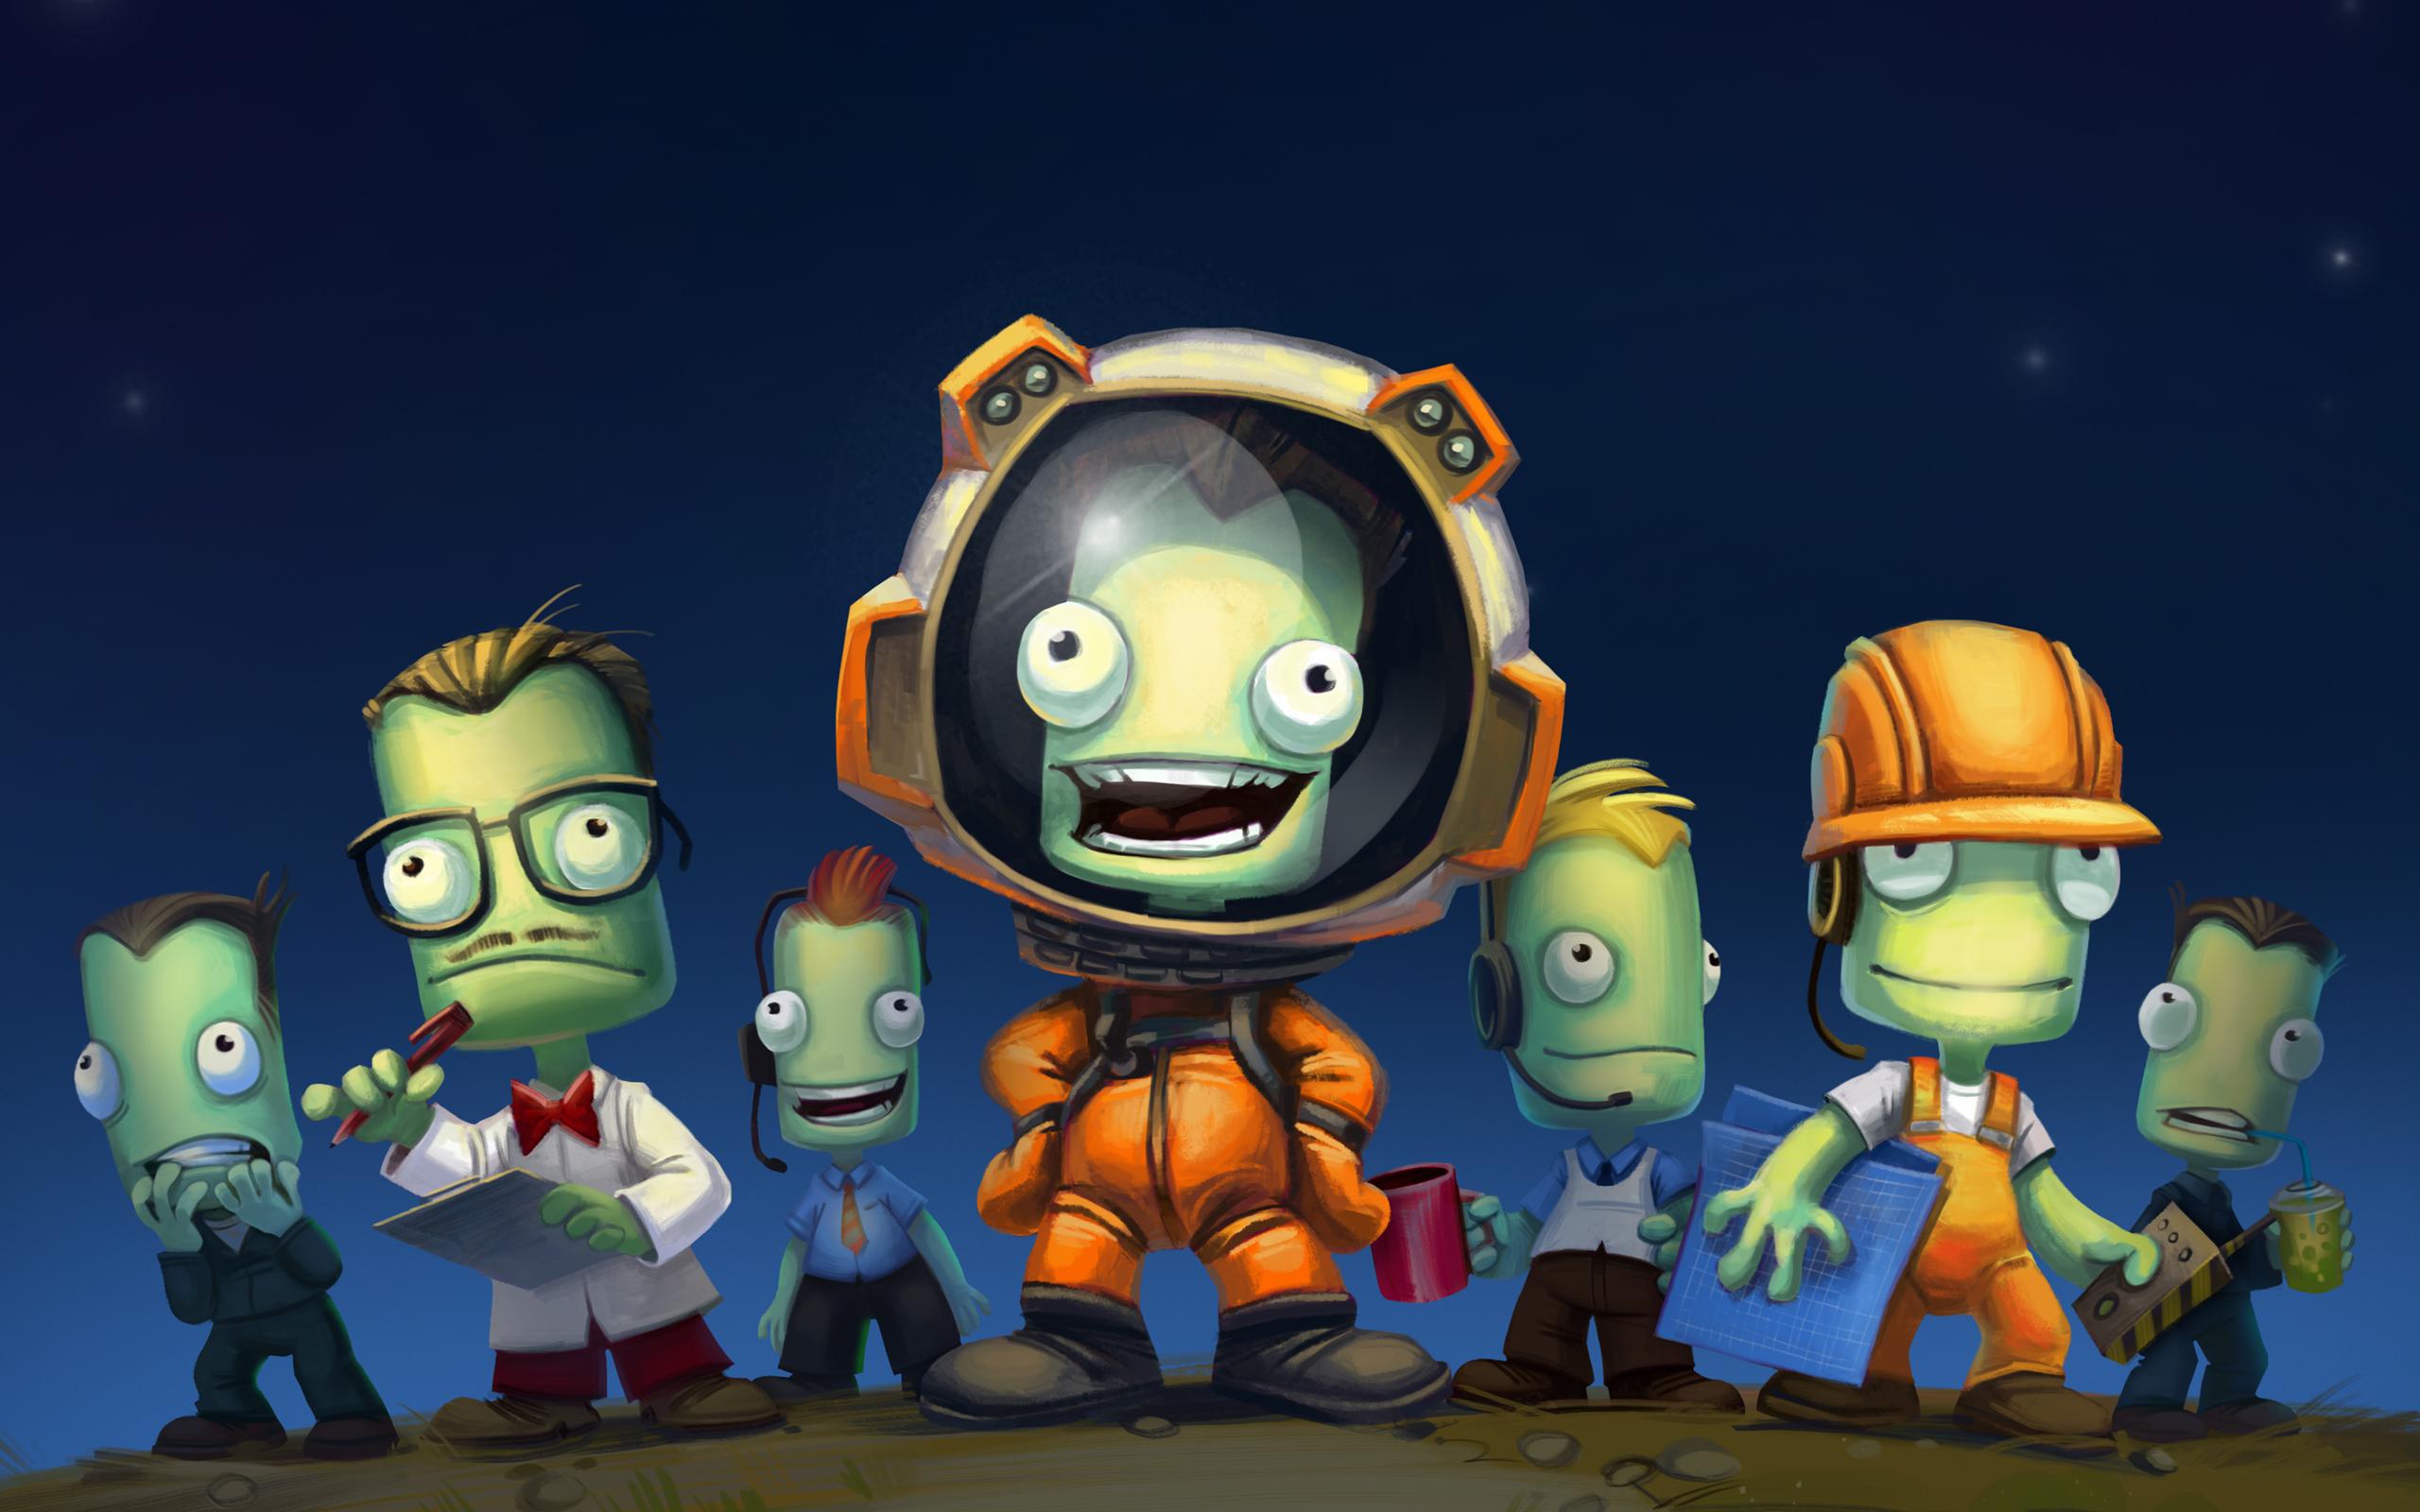 Wallpaper : Kerbal Space Program, space, video games, indie games